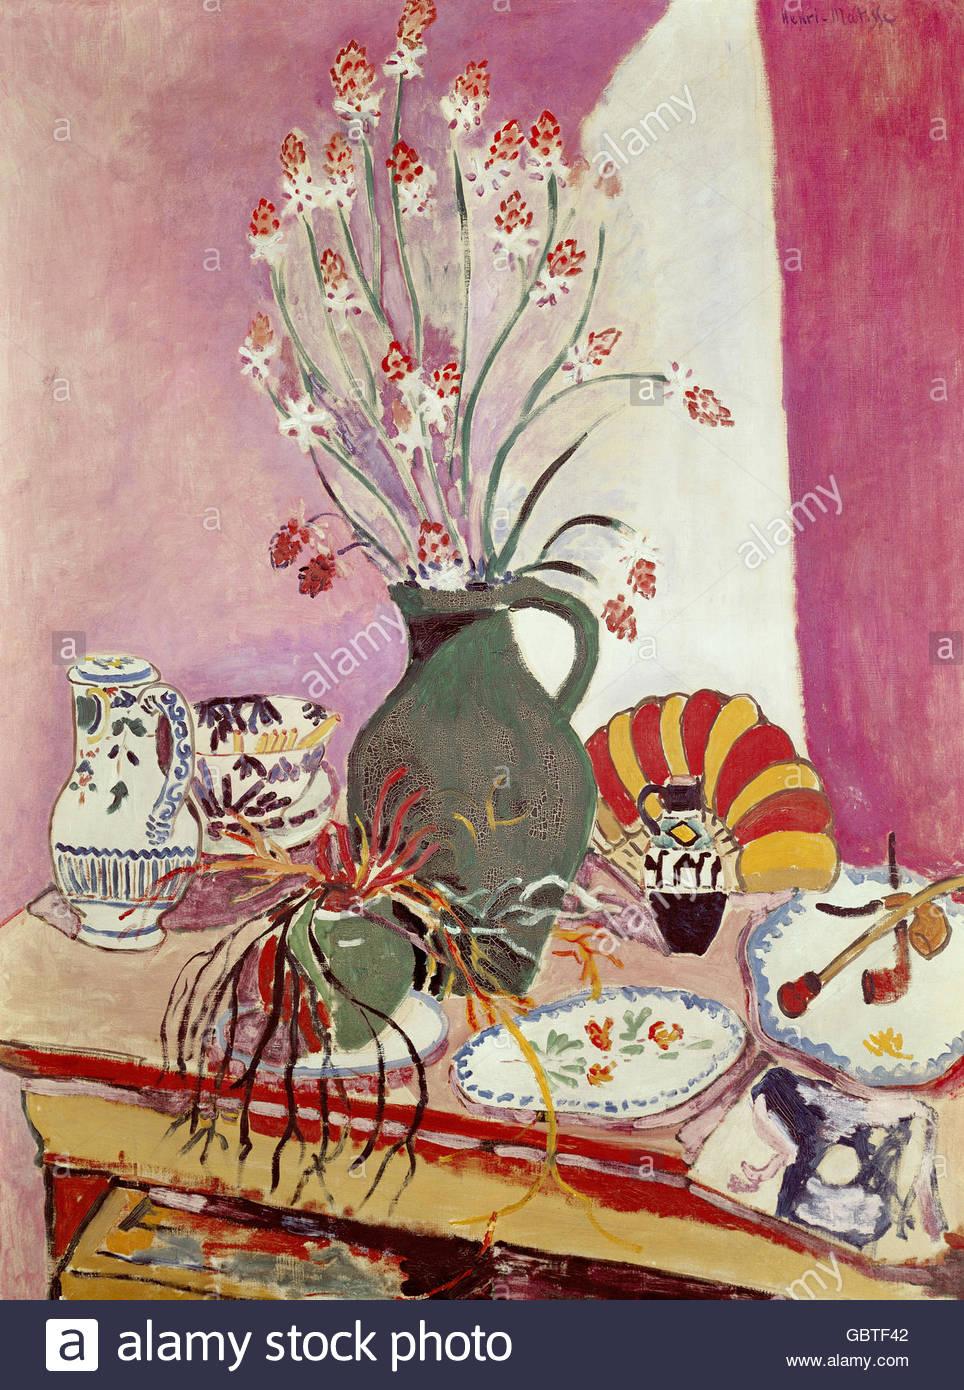 Künstler In Essen bildende kunst matisse henri 1869 1954 malerei asphodel